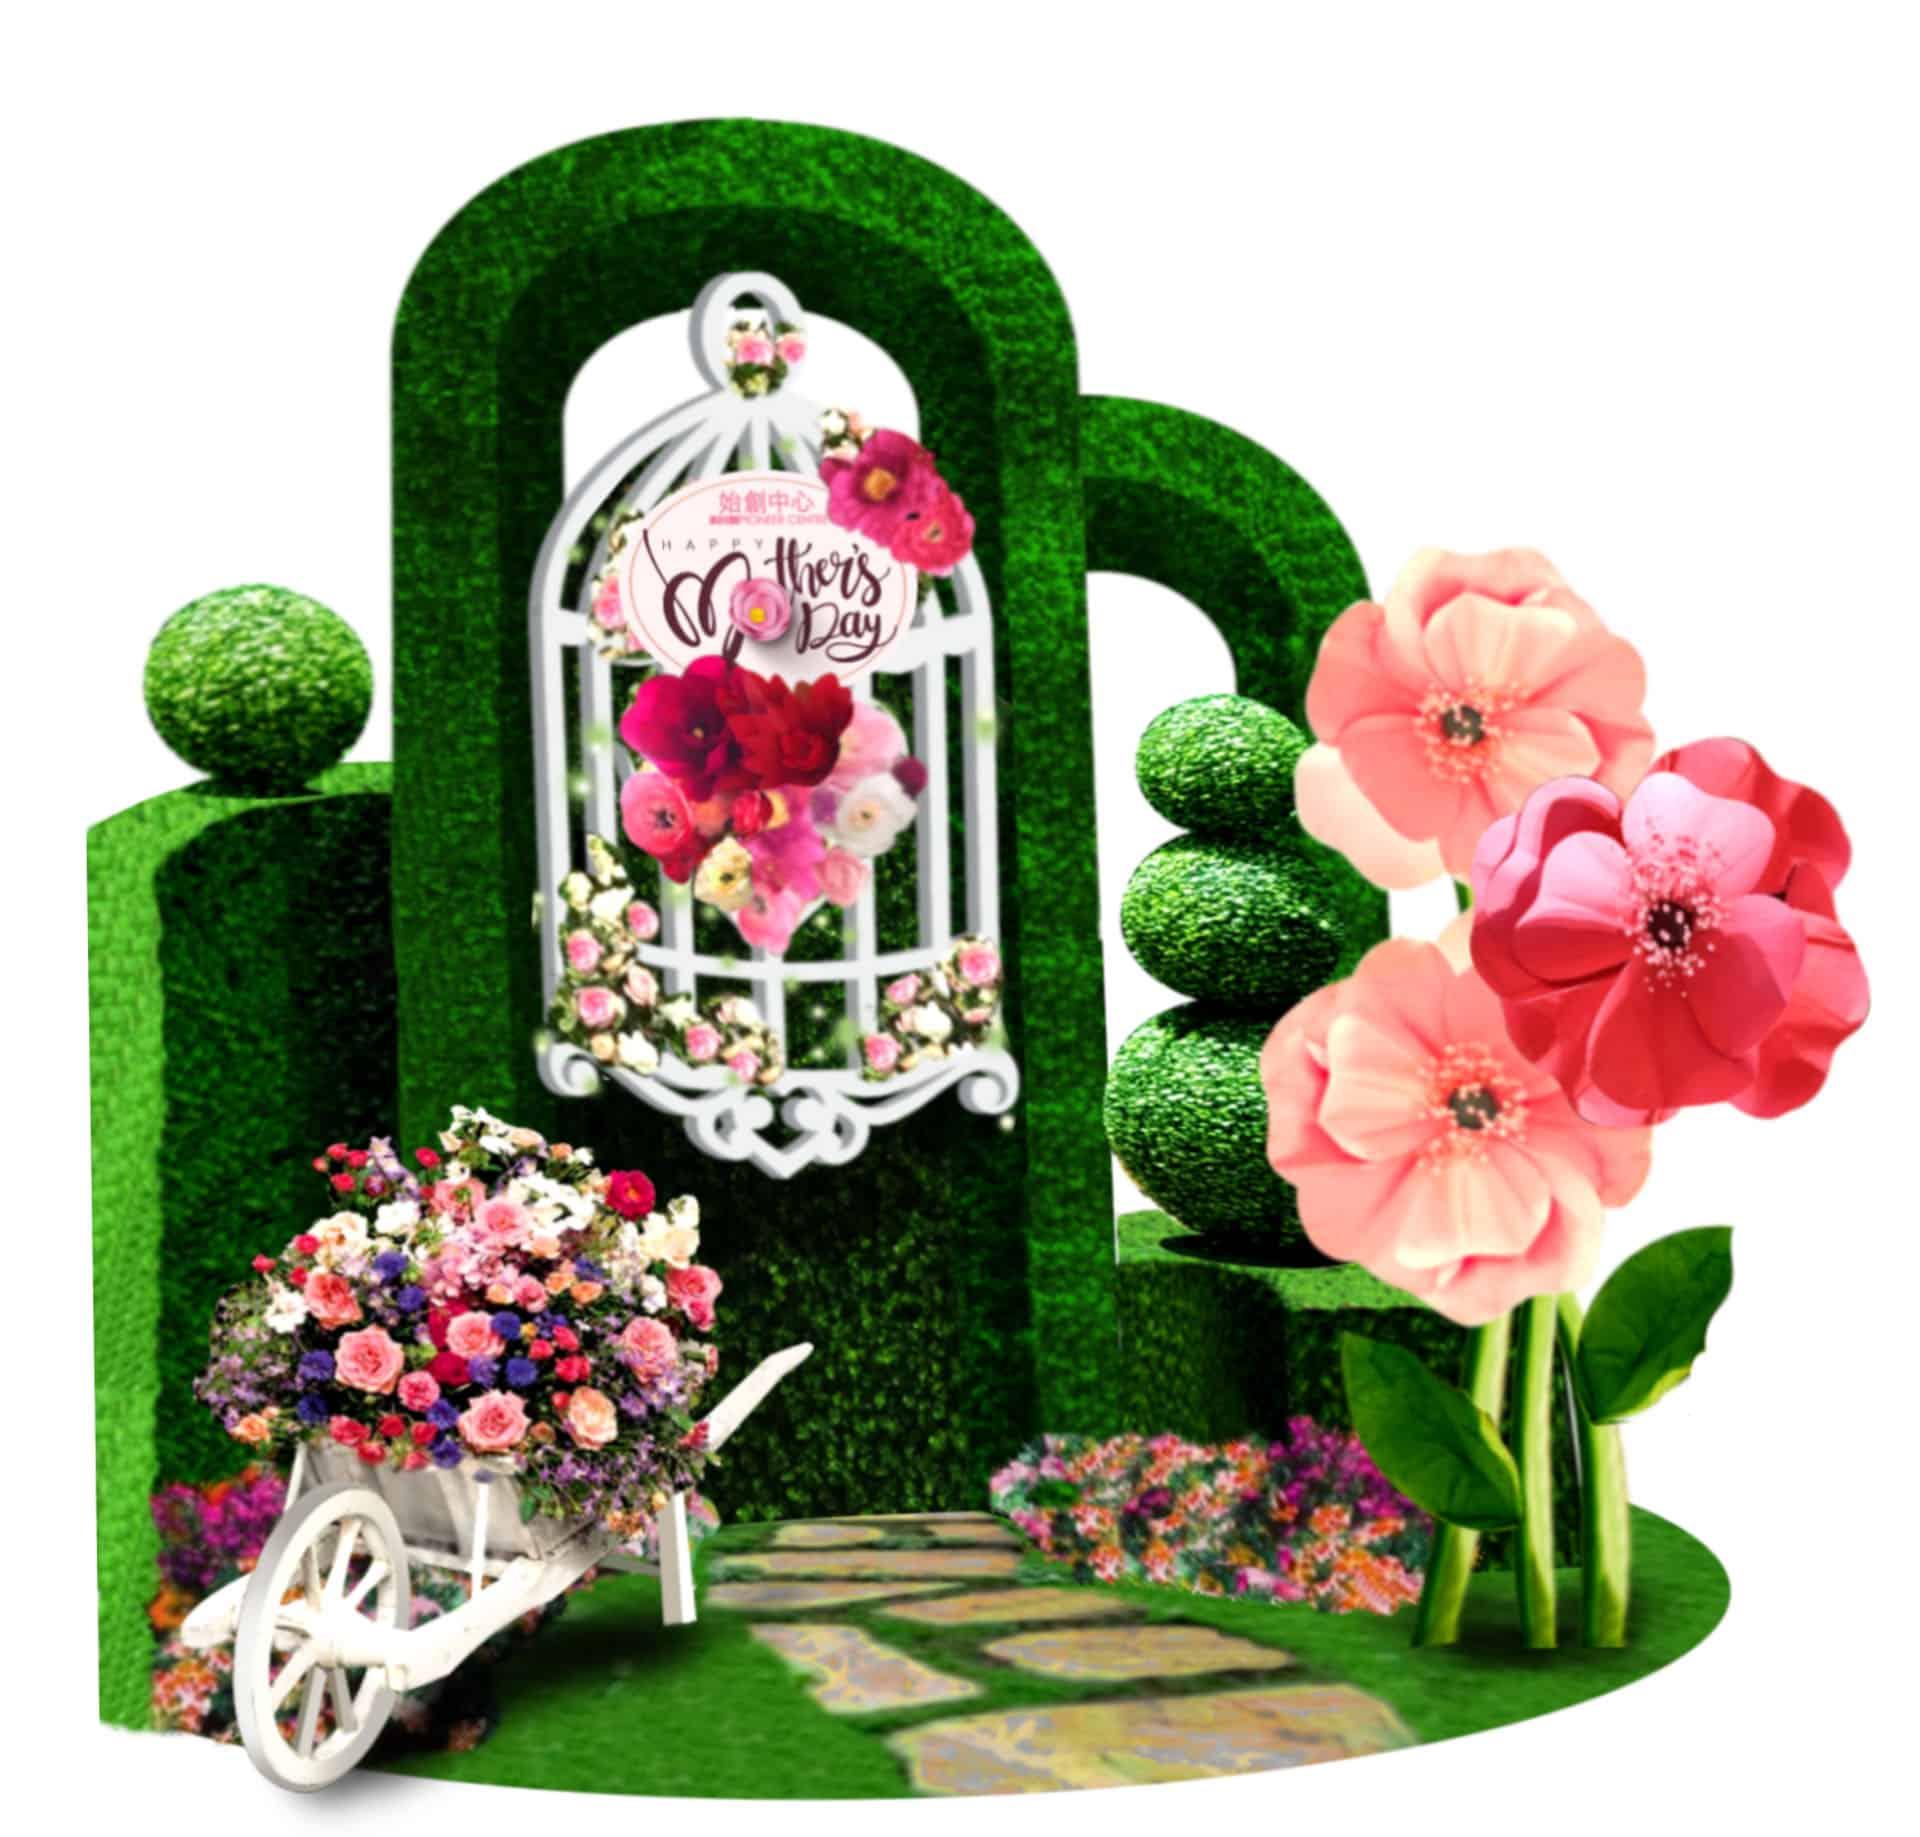 始創中心「溫馨5月愛心茶聚」歐陸式夢幻庭園